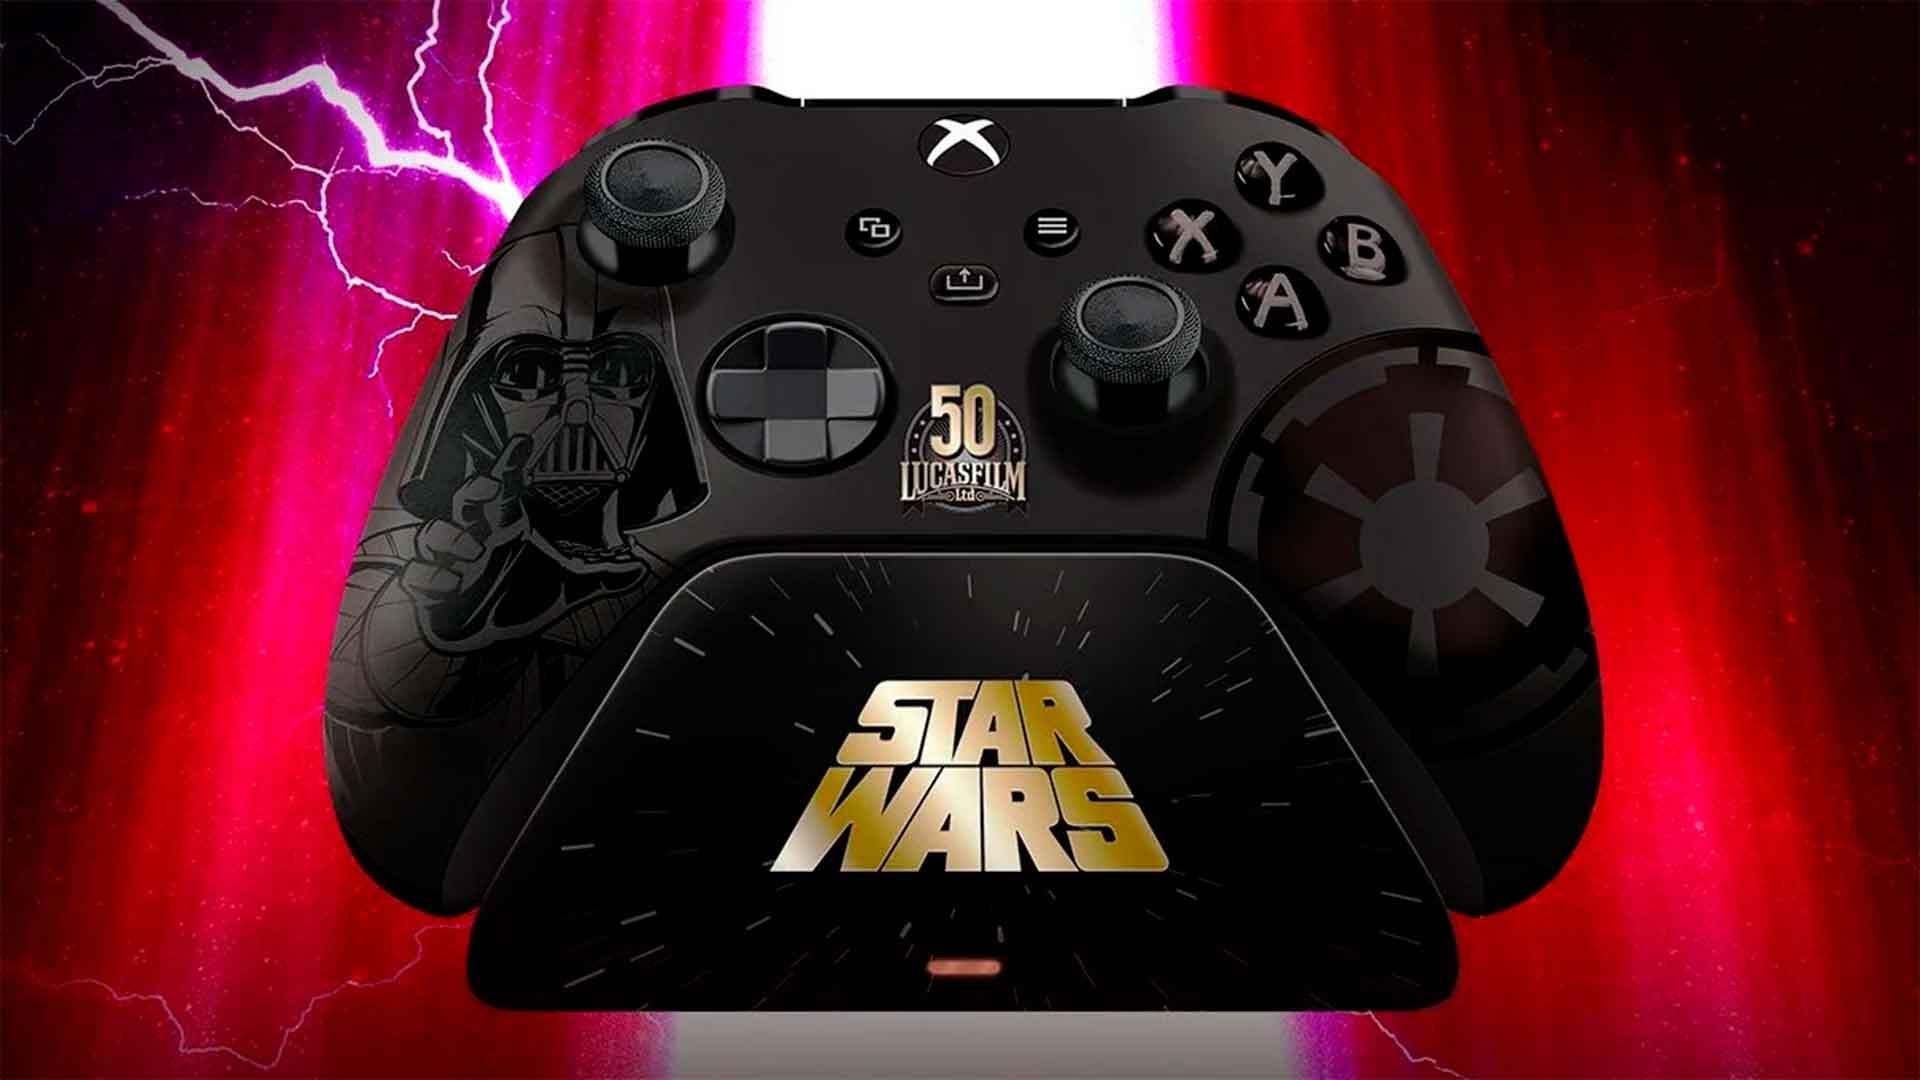 Mando Darth Vader Xbox, GamersRD